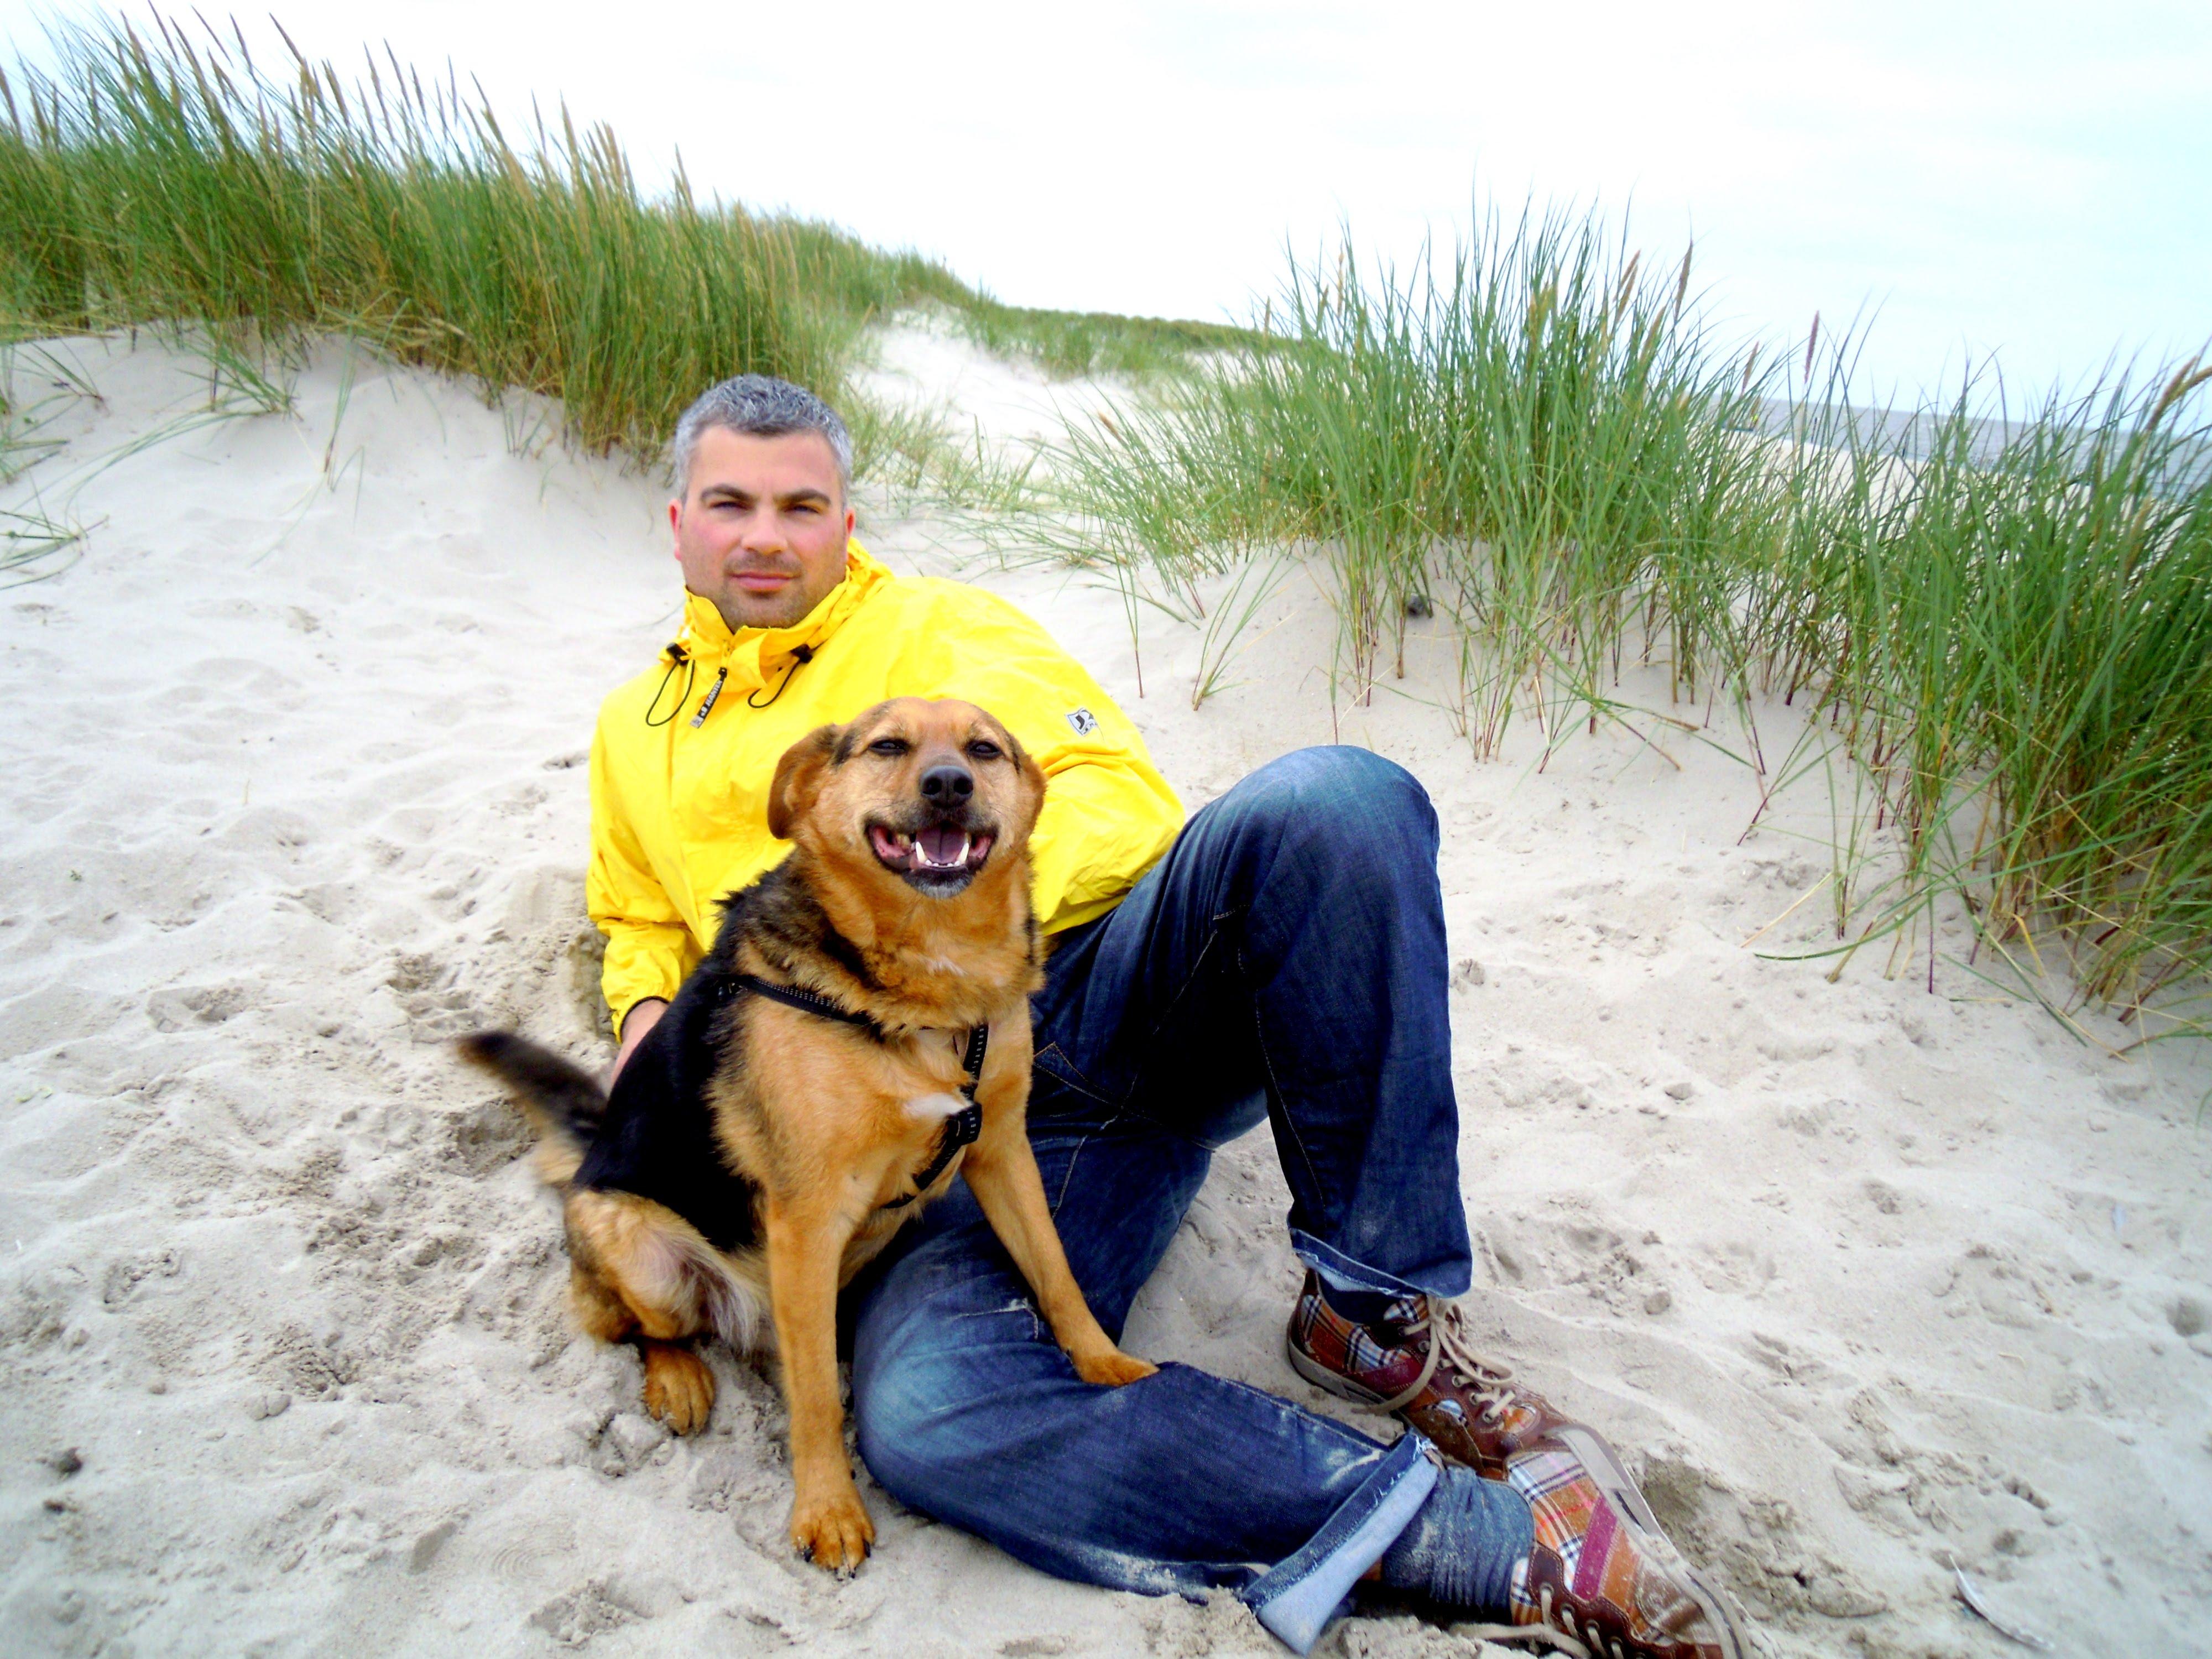 Nordsee-Gayreisen bieten Ruhe und Erholung